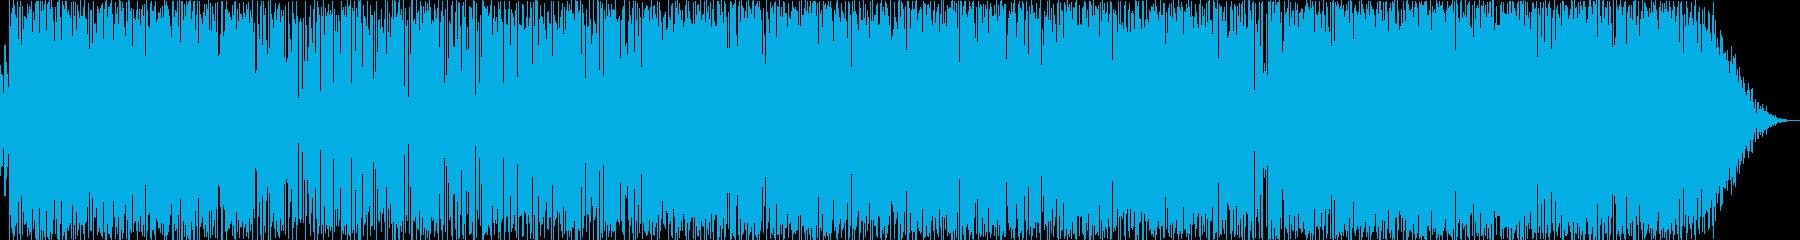 カーオーディオチューニング用音源の再生済みの波形